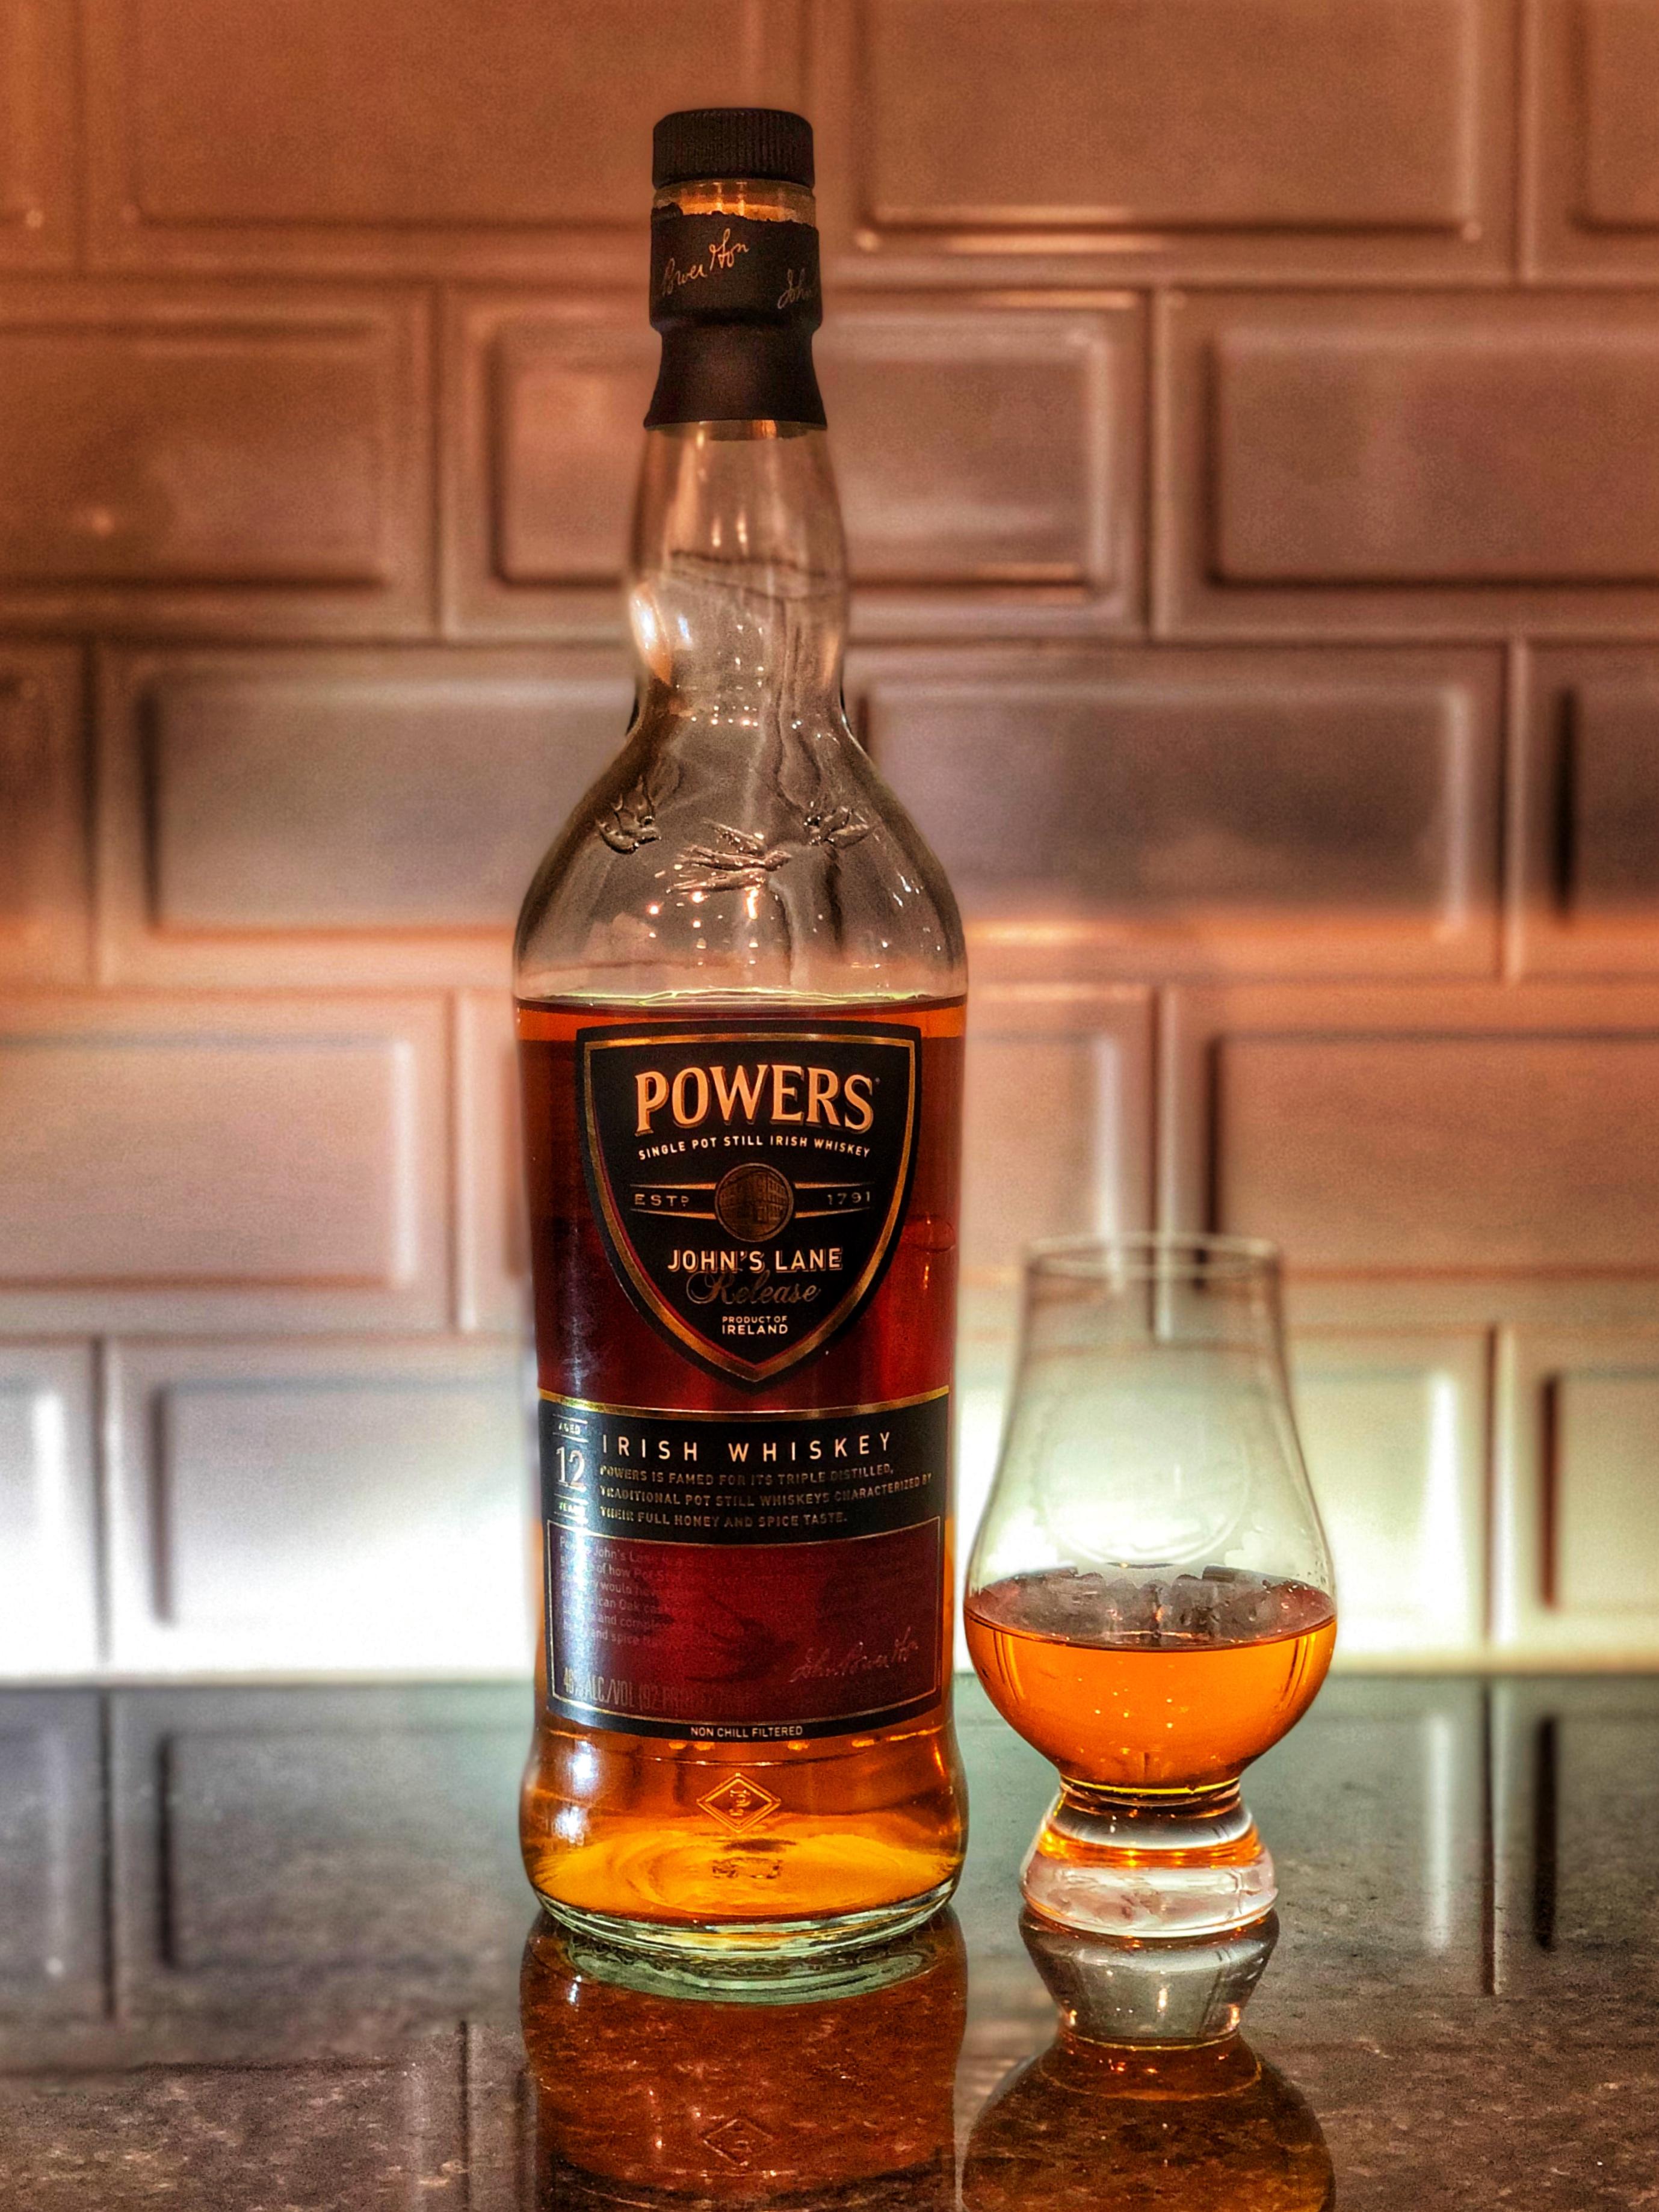 Powers John's Lane 12 Year Old Irish Whiskey